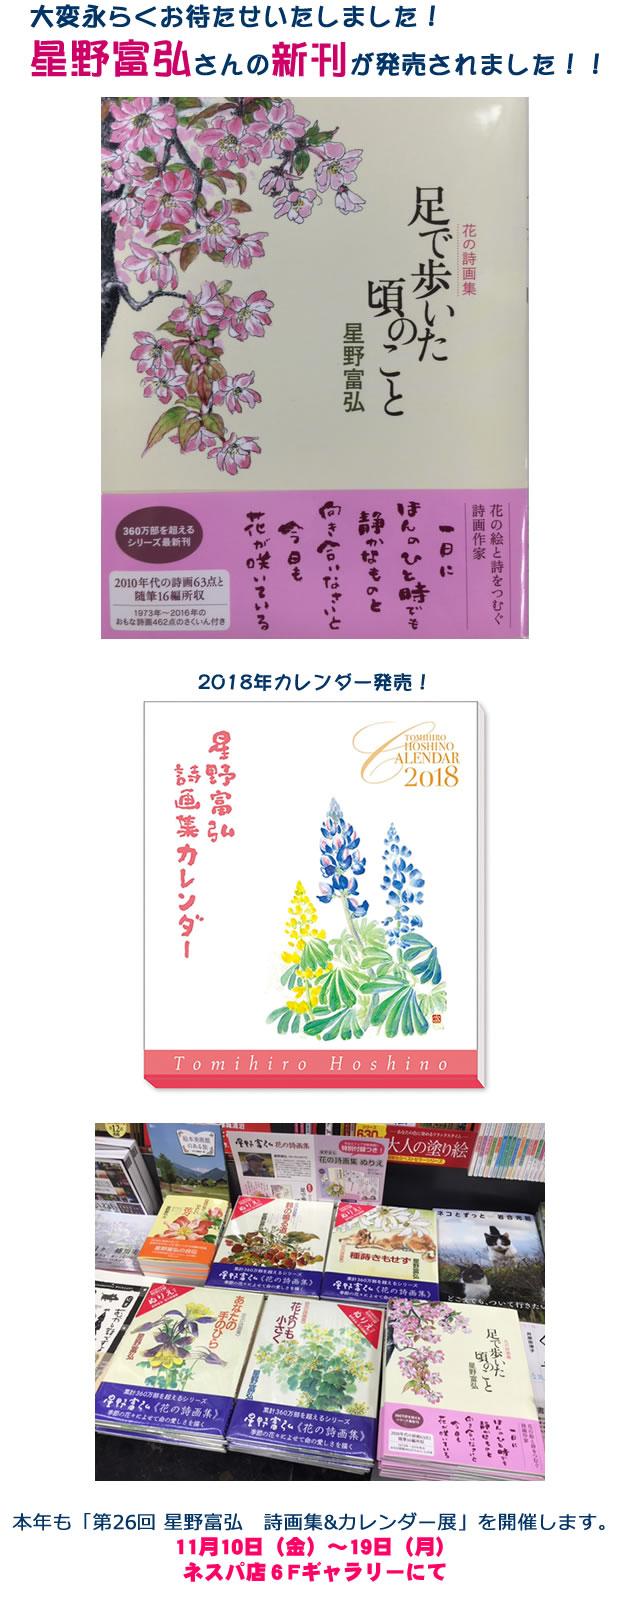 20170615_hoshino